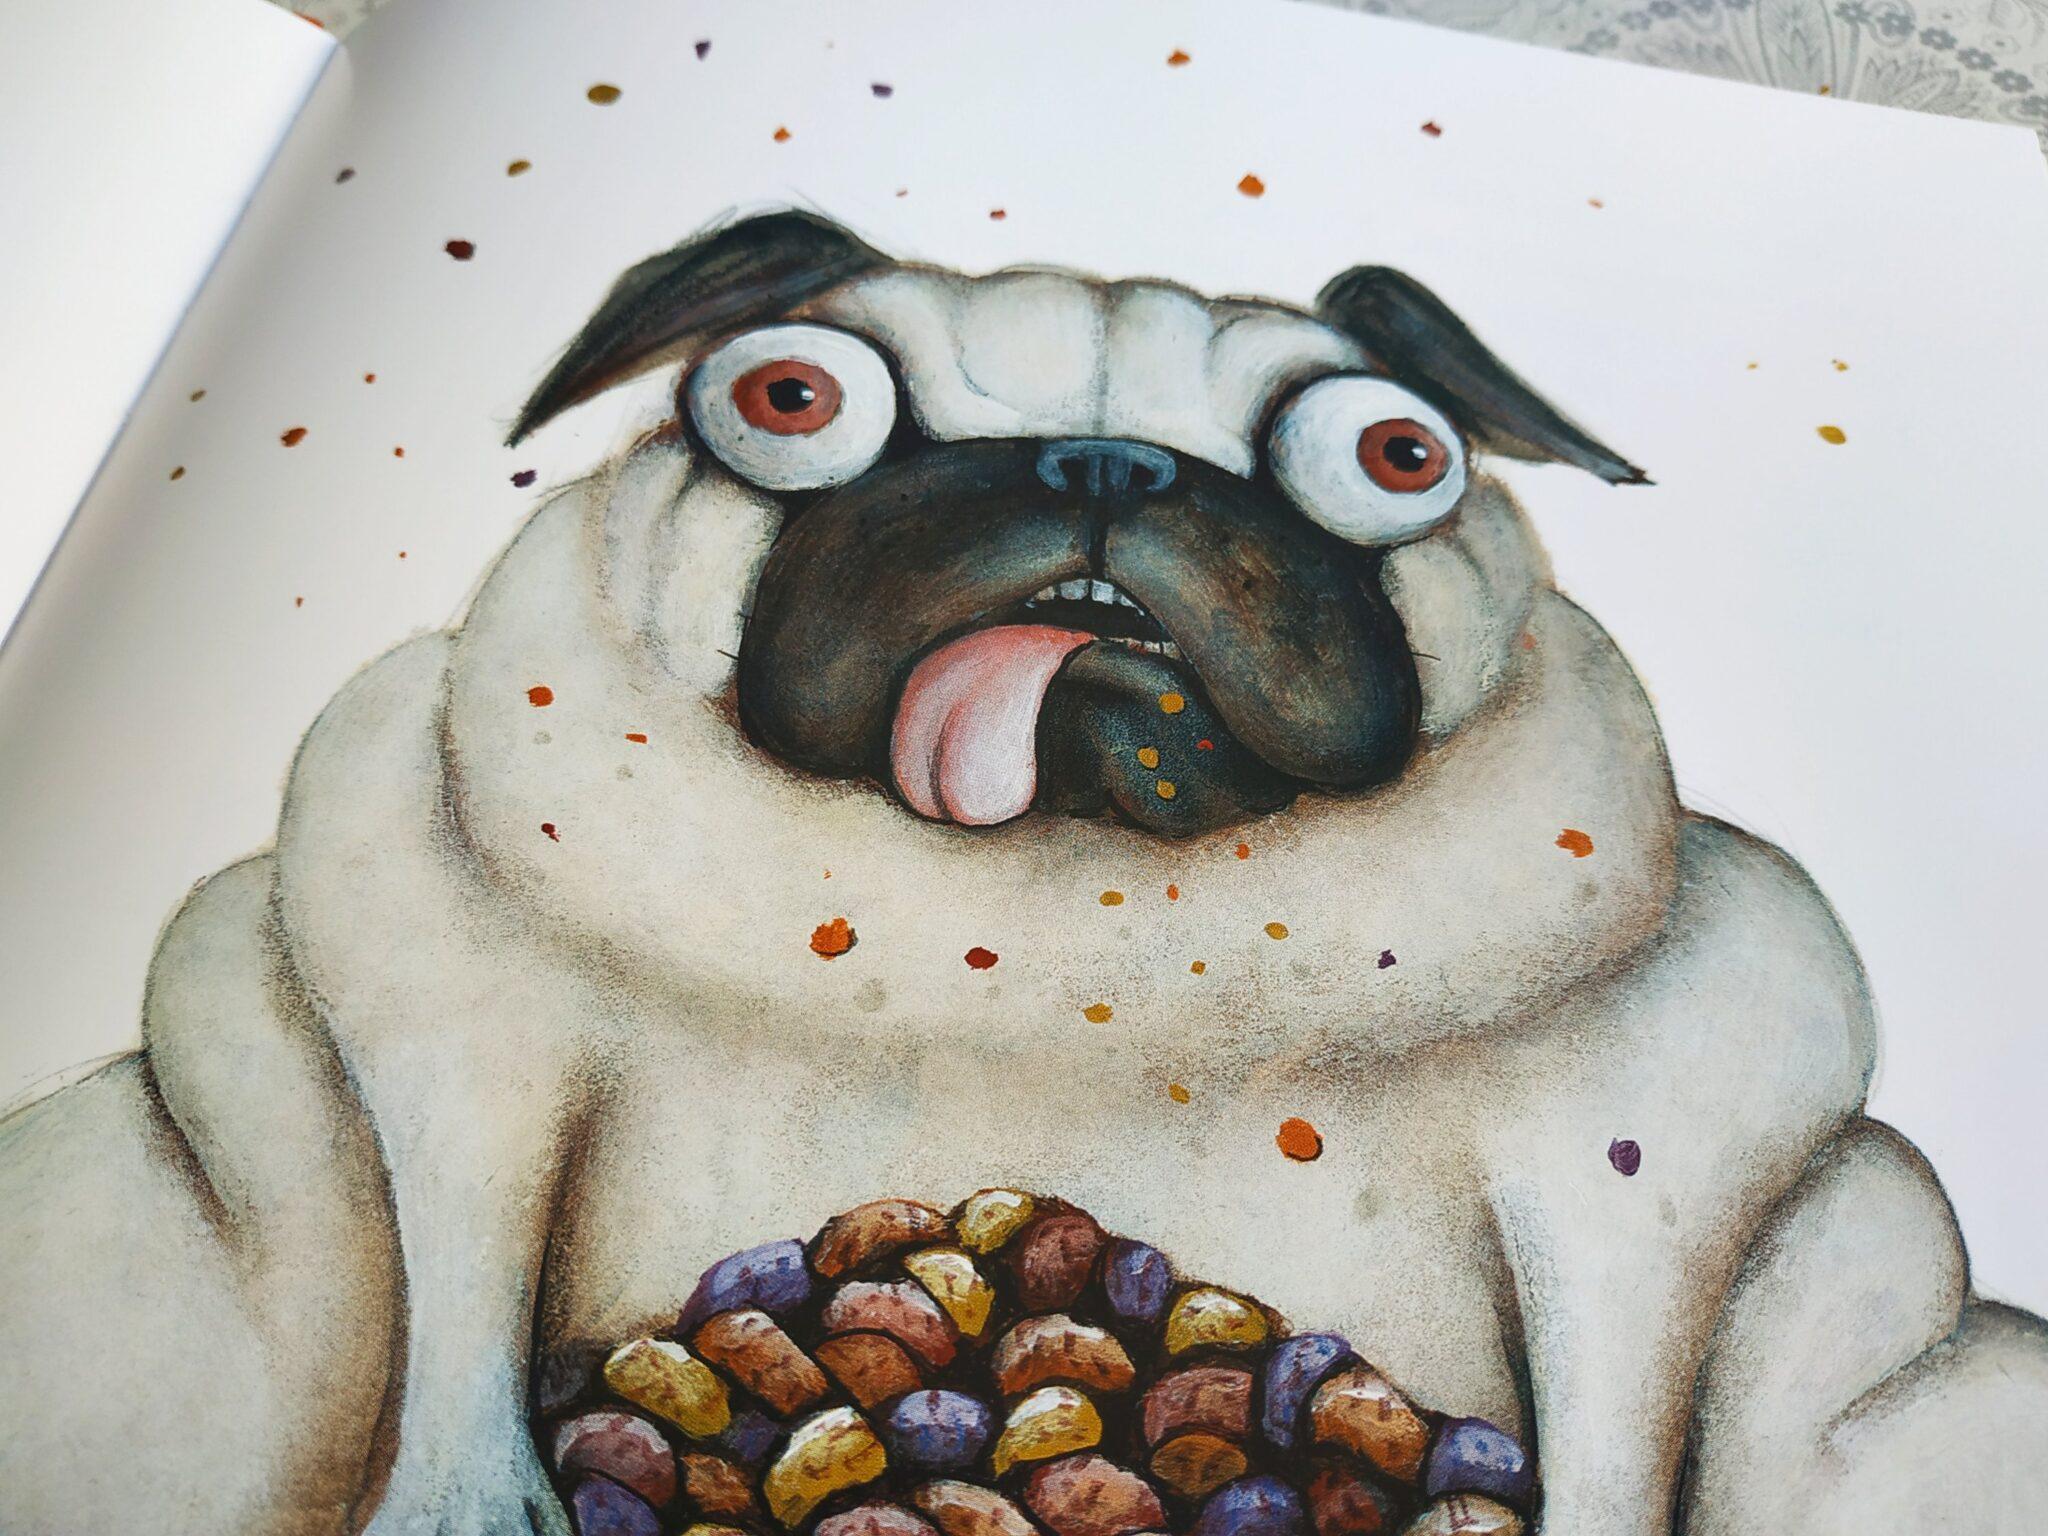 img 20191203 1225104150129805973281430 scaled - Aprende la lección con Coco el perro